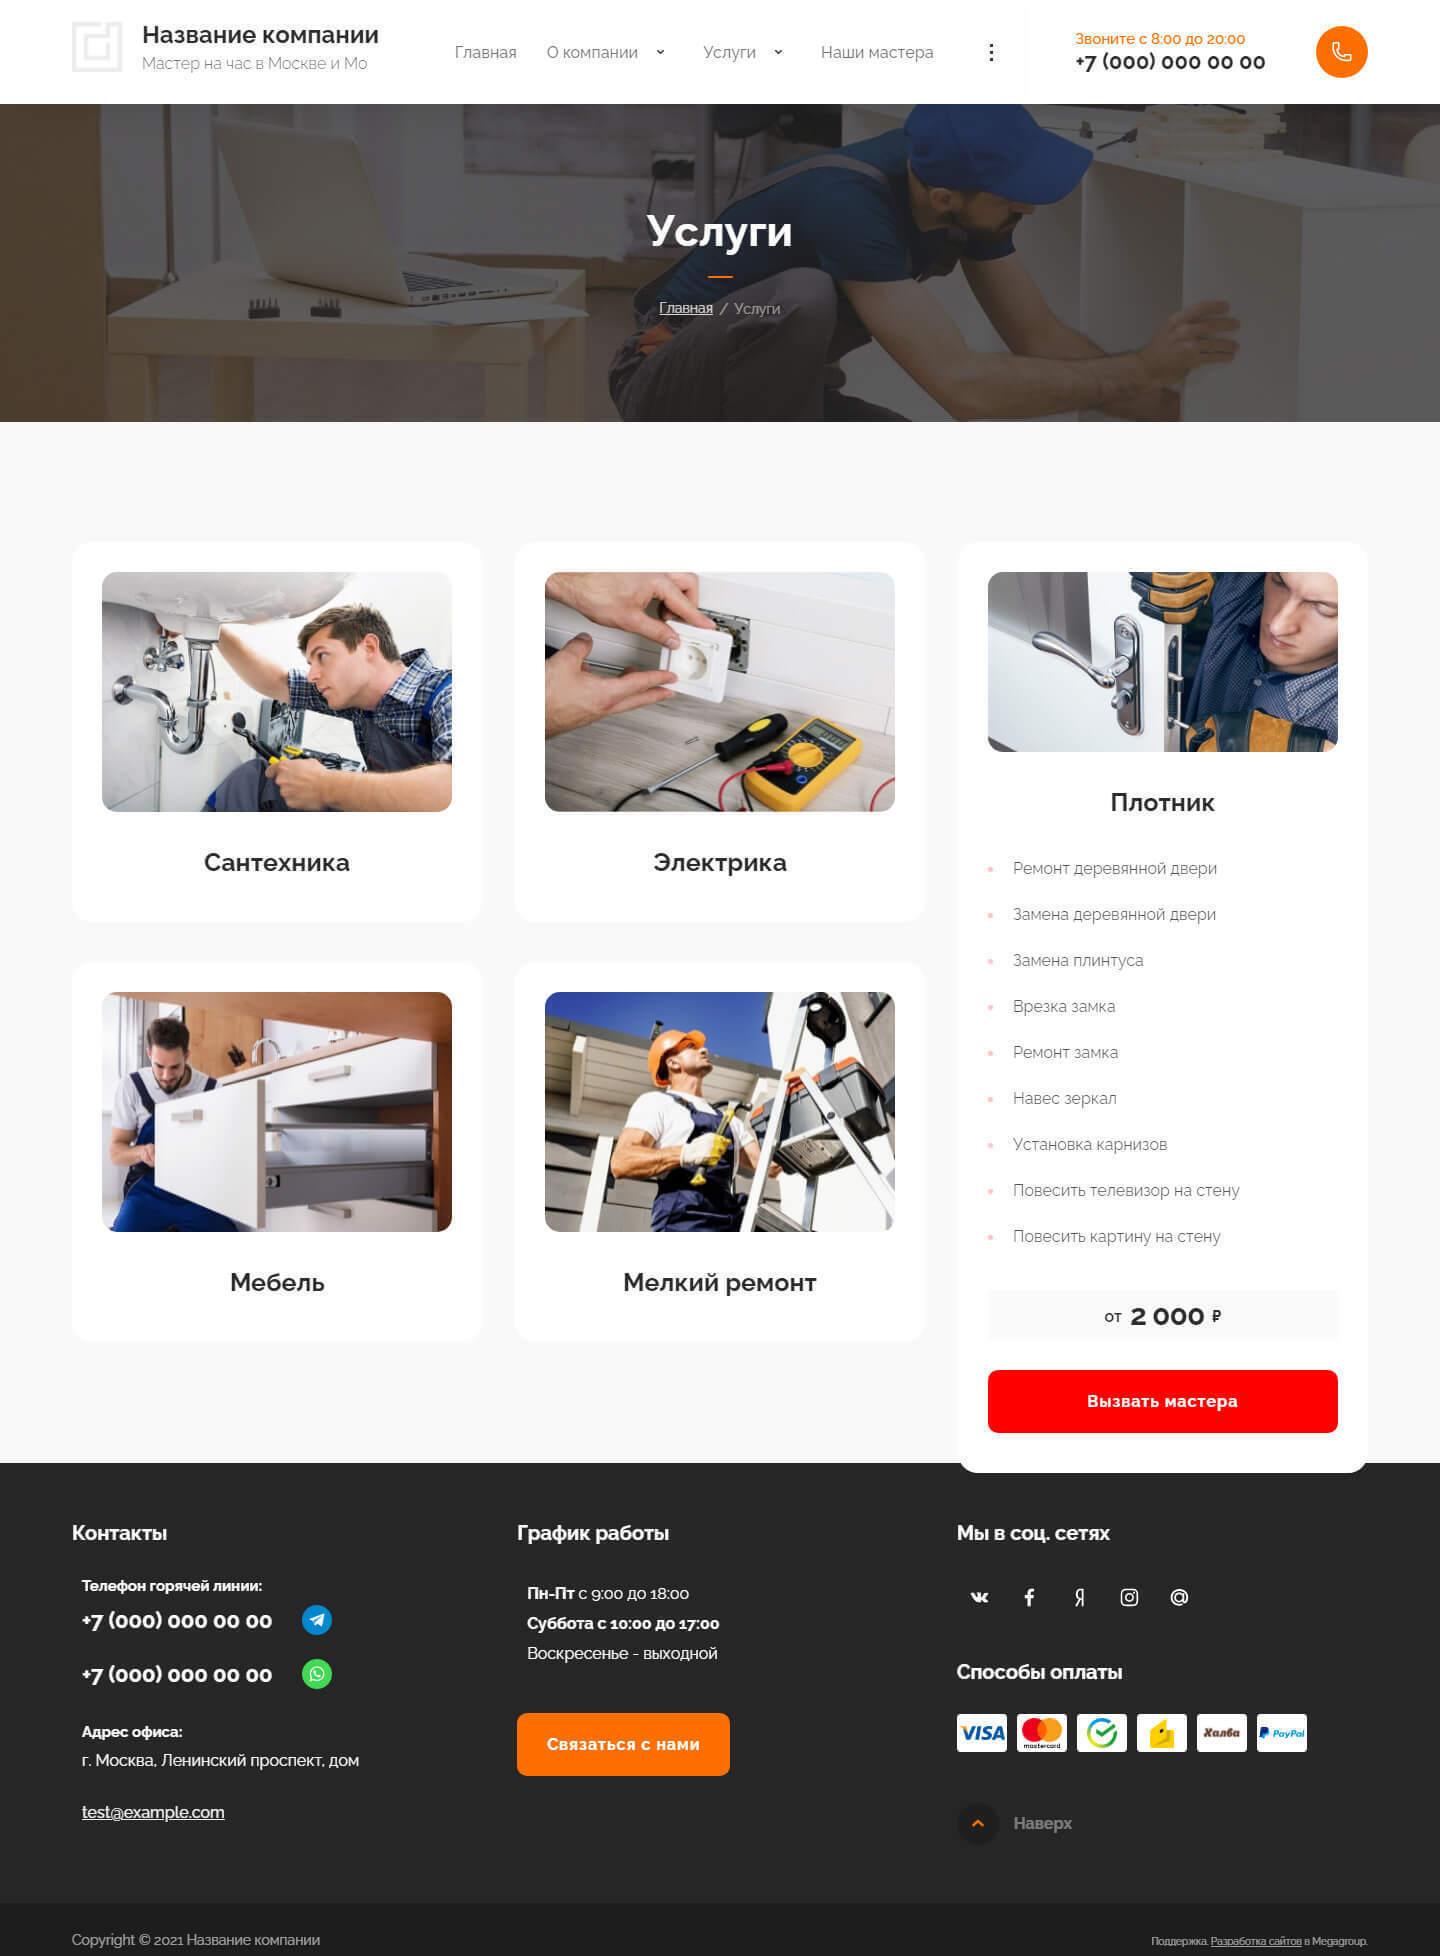 Готовый Сайт-Бизнес № 3272693 - Сайт мастера на час (Шаблон страницы «Услуги»)